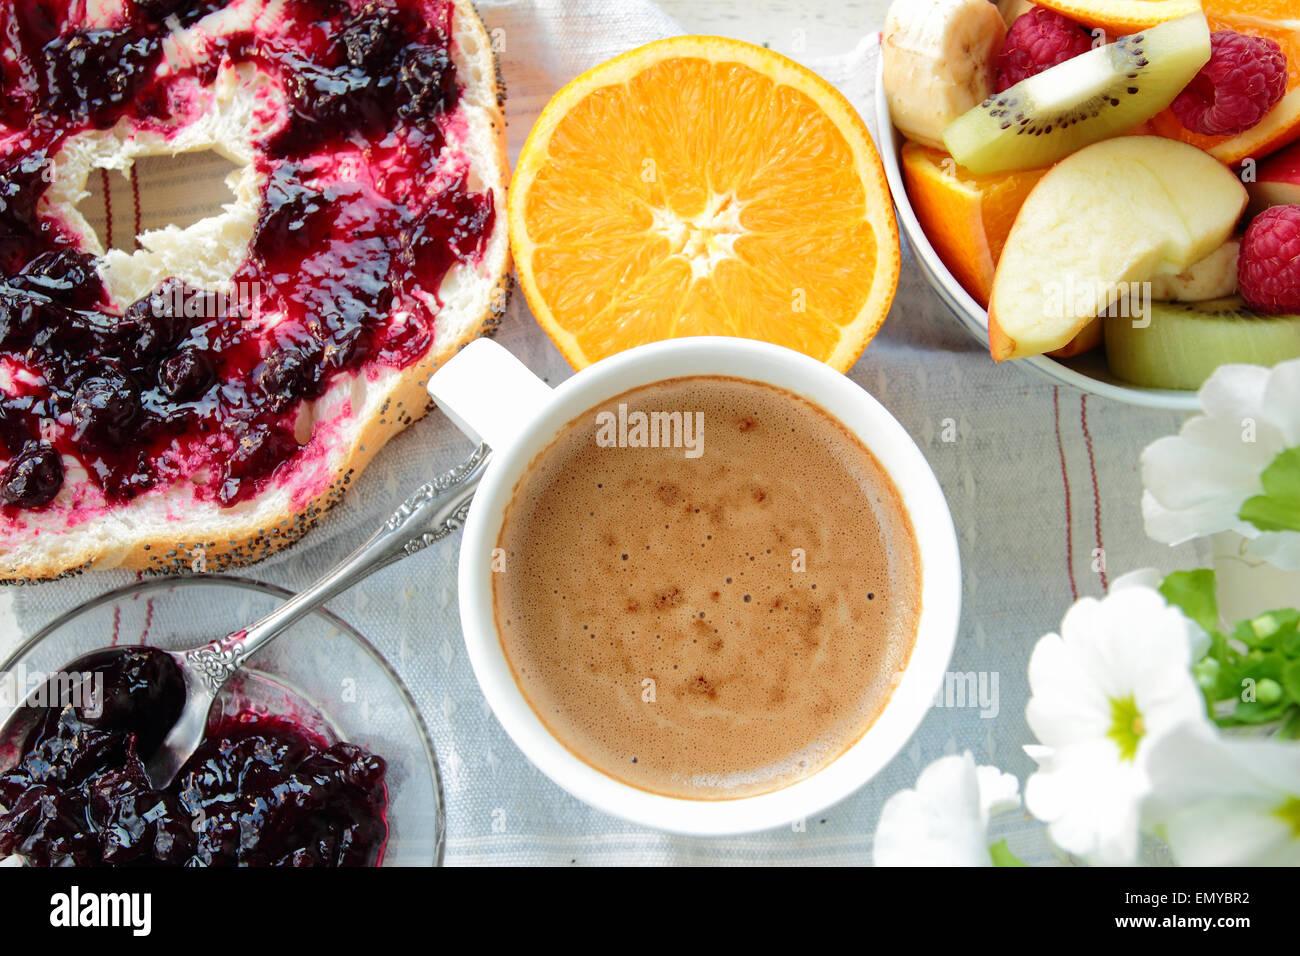 La prima colazione con pane con confettura di ribes, caffè e frutta Immagini Stock